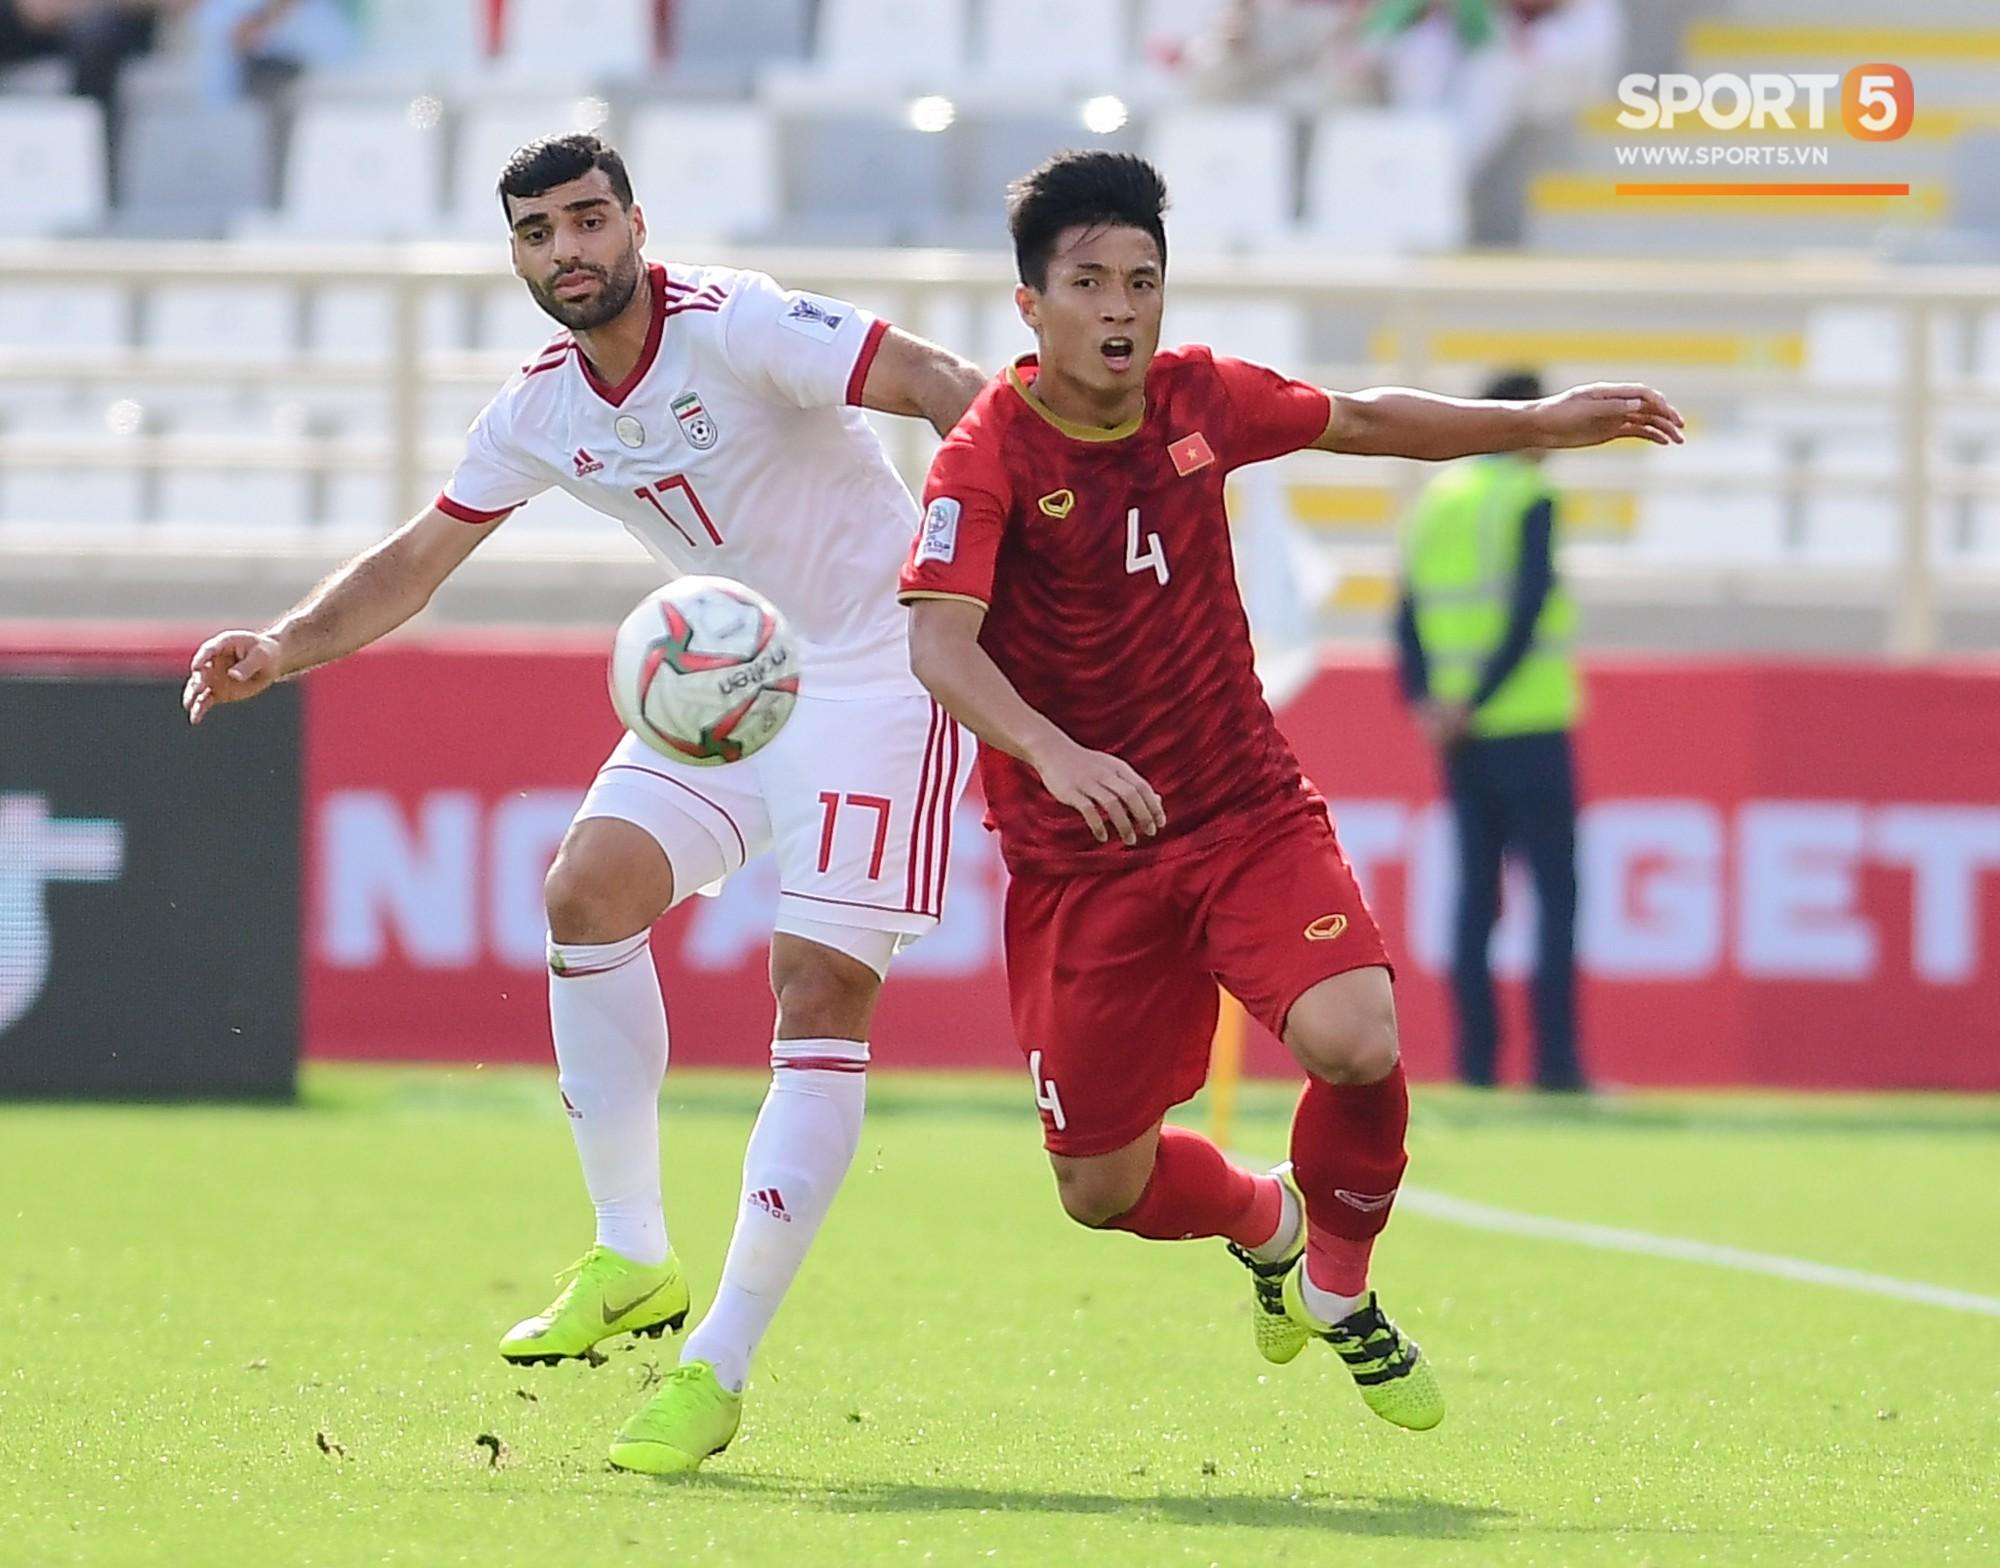 Thua Iran nhưng tinh thần quả cảm của các chàng trai Việt Nam đã đánh cắp trái tim fan quốc tế - Ảnh 10.